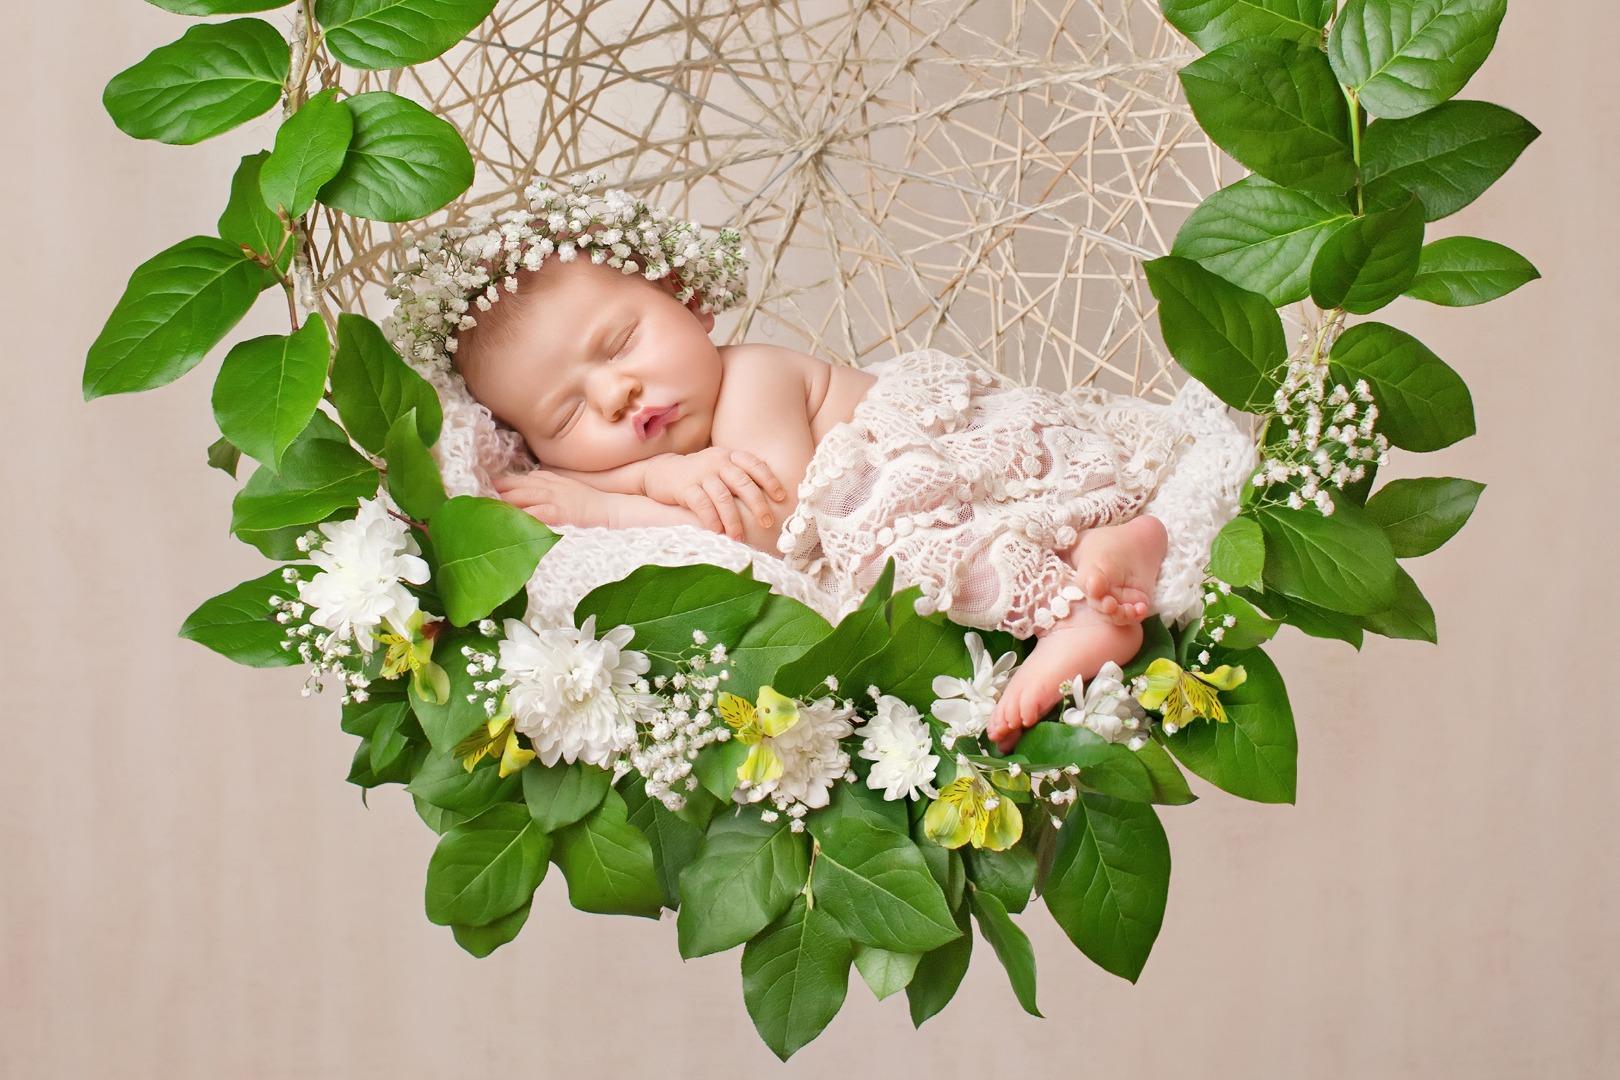 Плюсы и минусы кокона для новорожденного